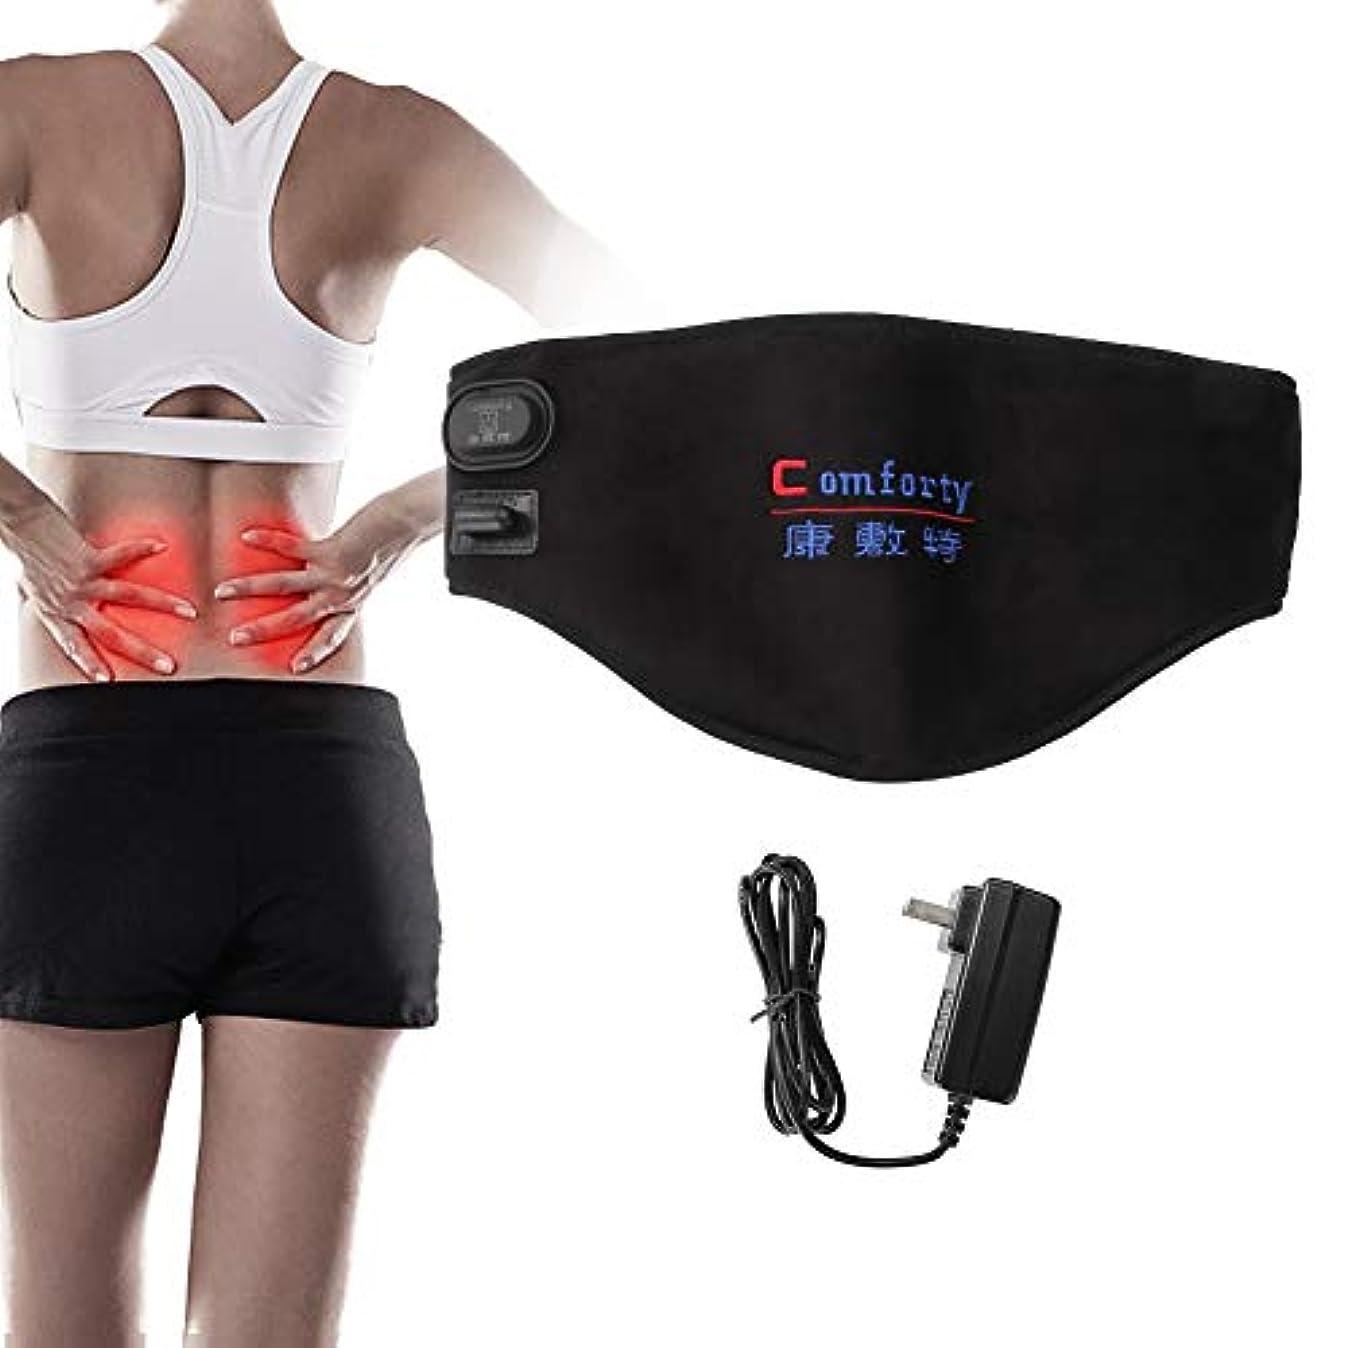 加熱ウエストラップ、電気 加熱振動 マッサージ灸 温かい 腹部ブレースベルト 痛み軽減 腰サポーター 腰椎固定ベルト 腰痛コルセット 腰痛緩和 通気 骨盤補正 男女兼用(USプラグ(110V))